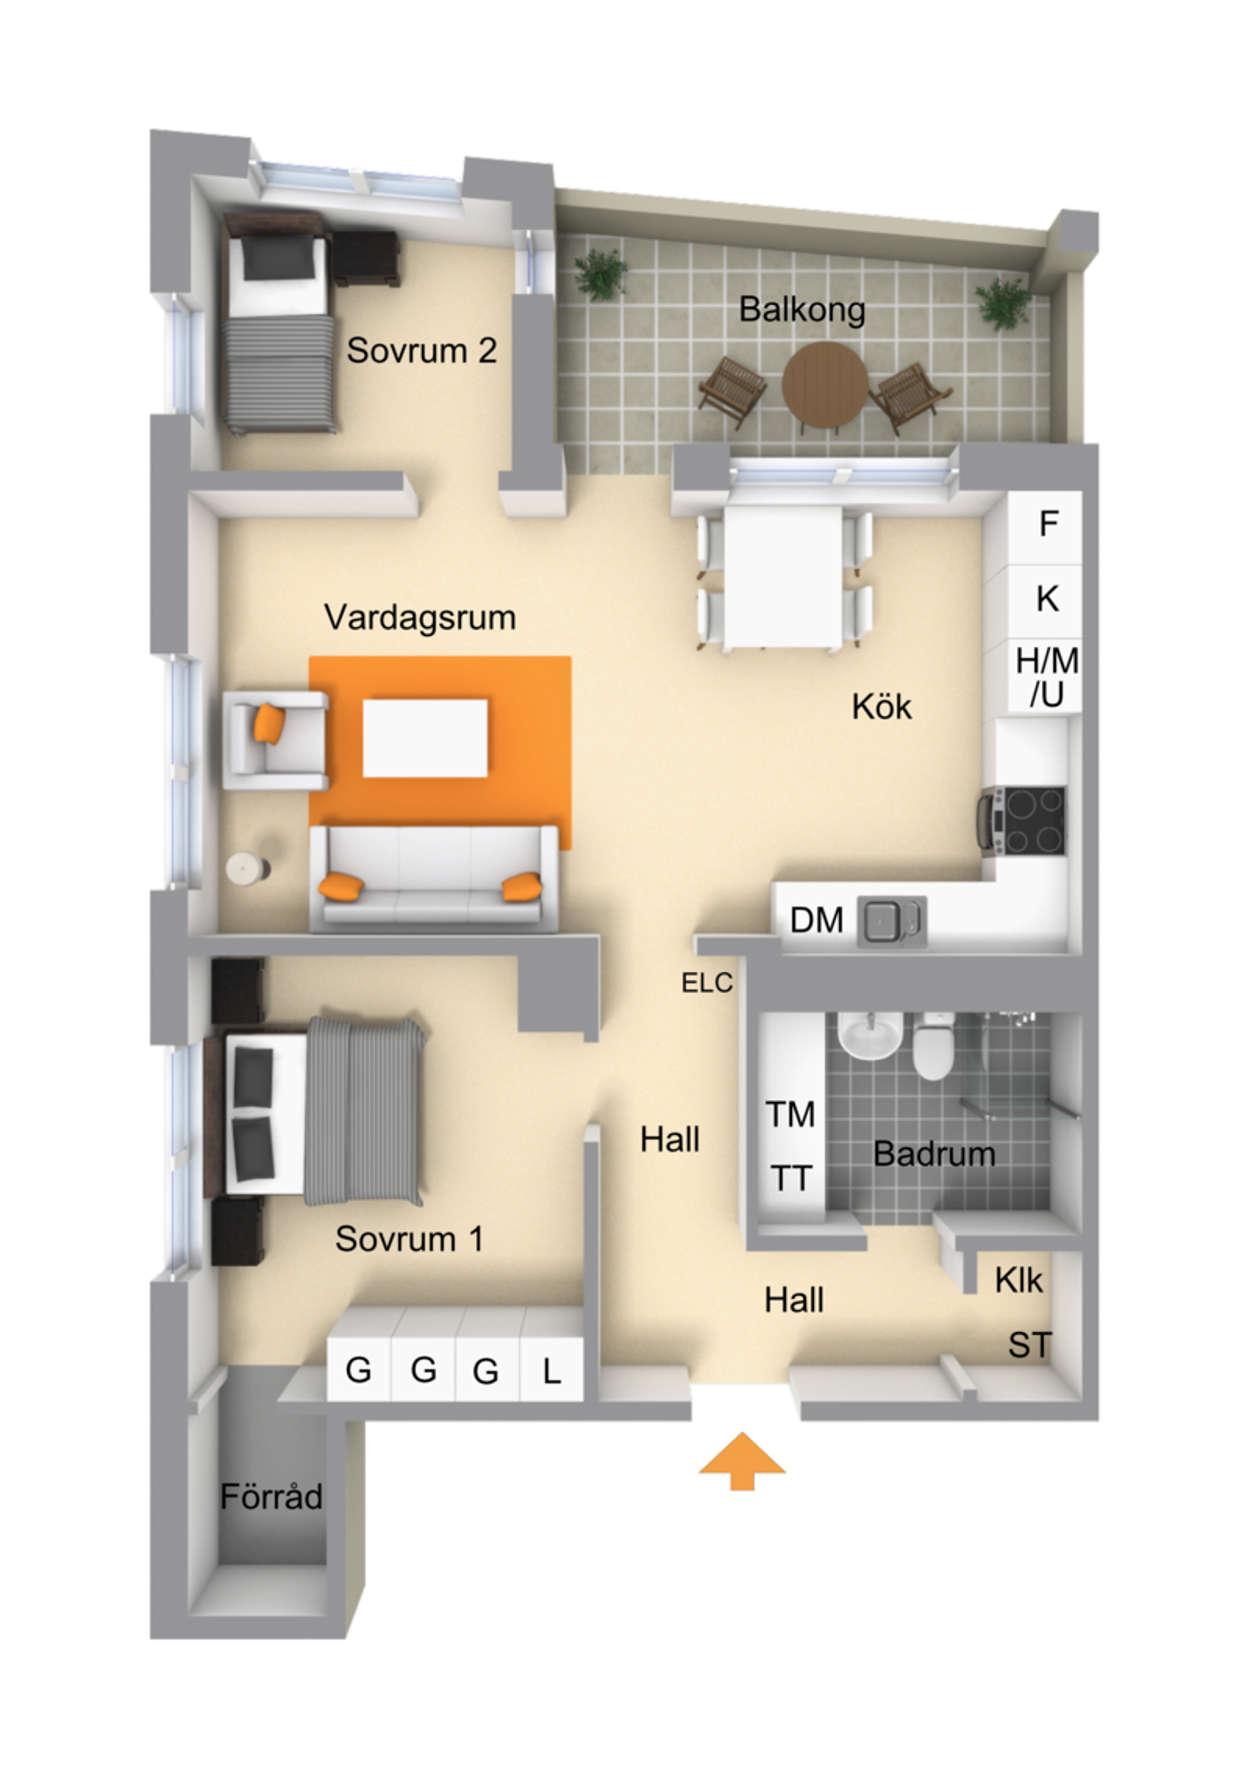 Planritning Fyrislundsgatan 37C